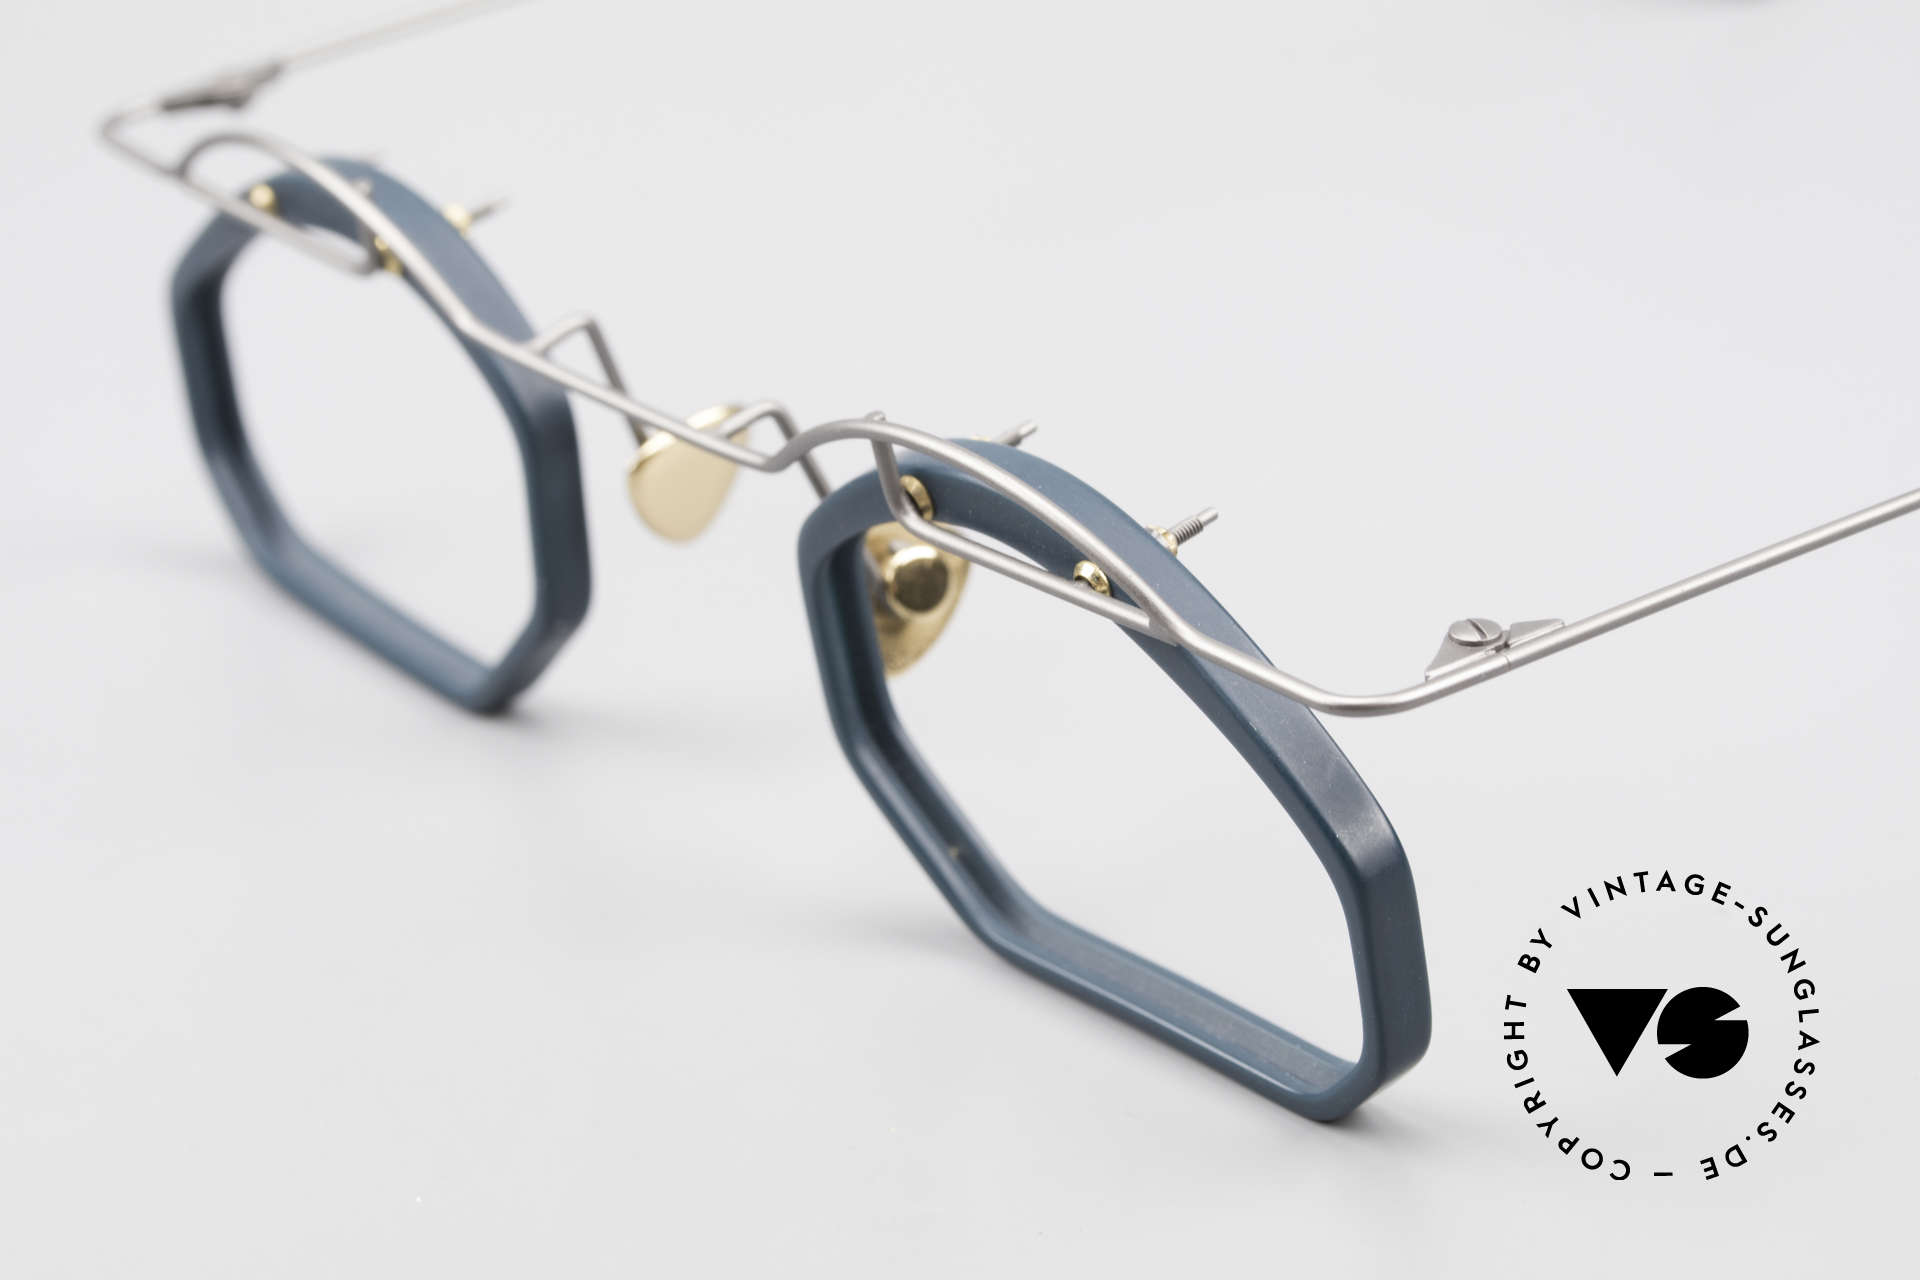 Paul Chiol 12 Kunstbrille Vintage Designer, ein ungetragenes Meisterstück; made in Germany, Passend für Herren und Damen